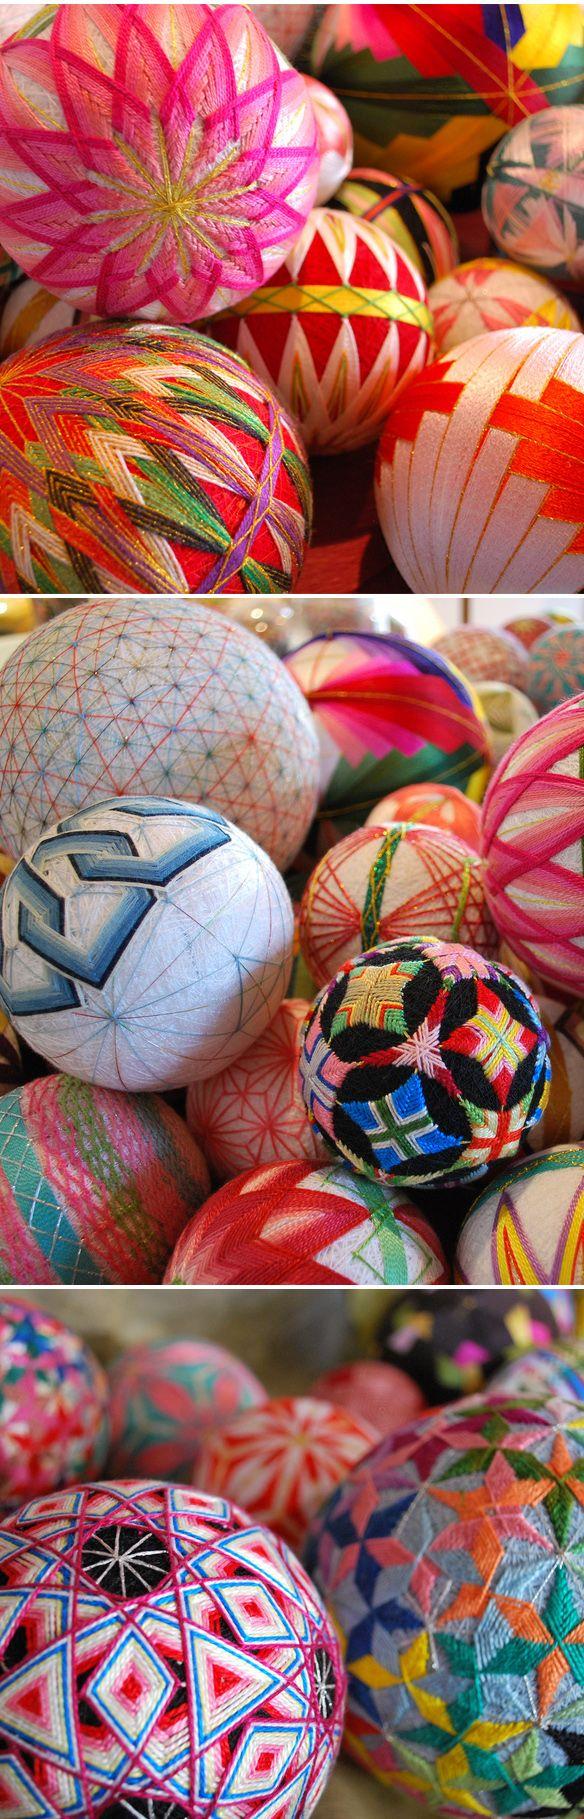 Nana Akua's grandmother - temari balls